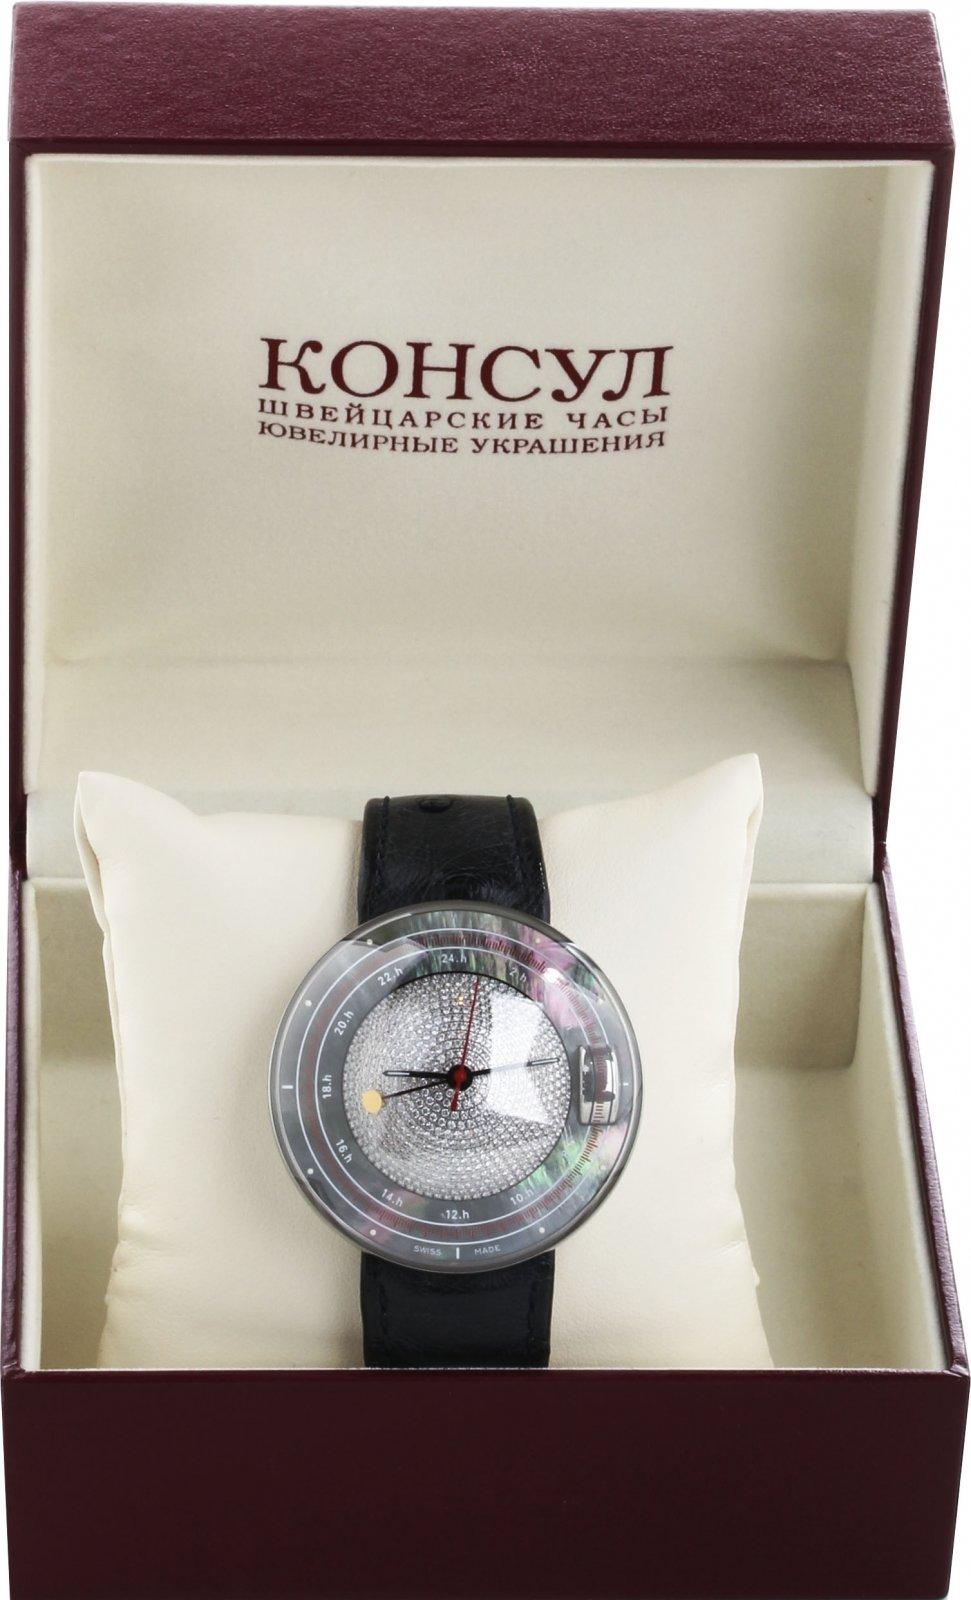 Друзья, мы высоко ценим ваше доверие и благодарим каждого, что выбираете часы и ювелирные украшения в магазинах консул мы делаем все возможное для того, чтобы предоставлять вам обслуживание самого высокого качества.